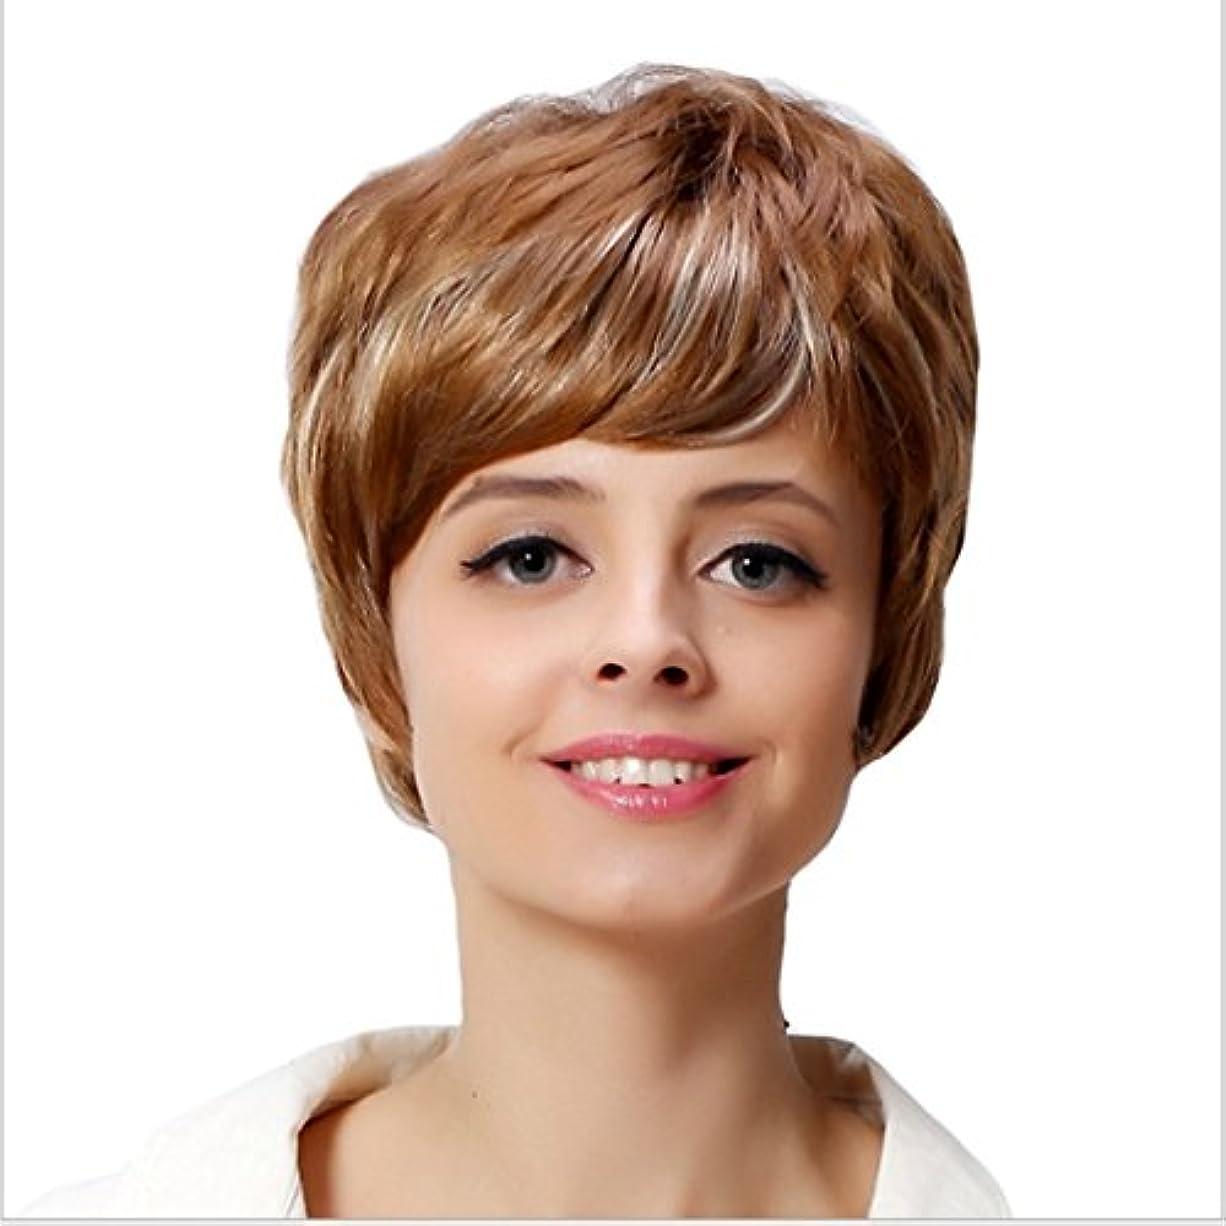 勝者嘆くバルブYOUQIU ホワイト女性のためのフラット前髪毛180グラムかつらを持つ女性カーリー耐熱ウィッグのために10インチ/ 12インチショートウェーブゴールドウィッグ (サイズ : 10inch)